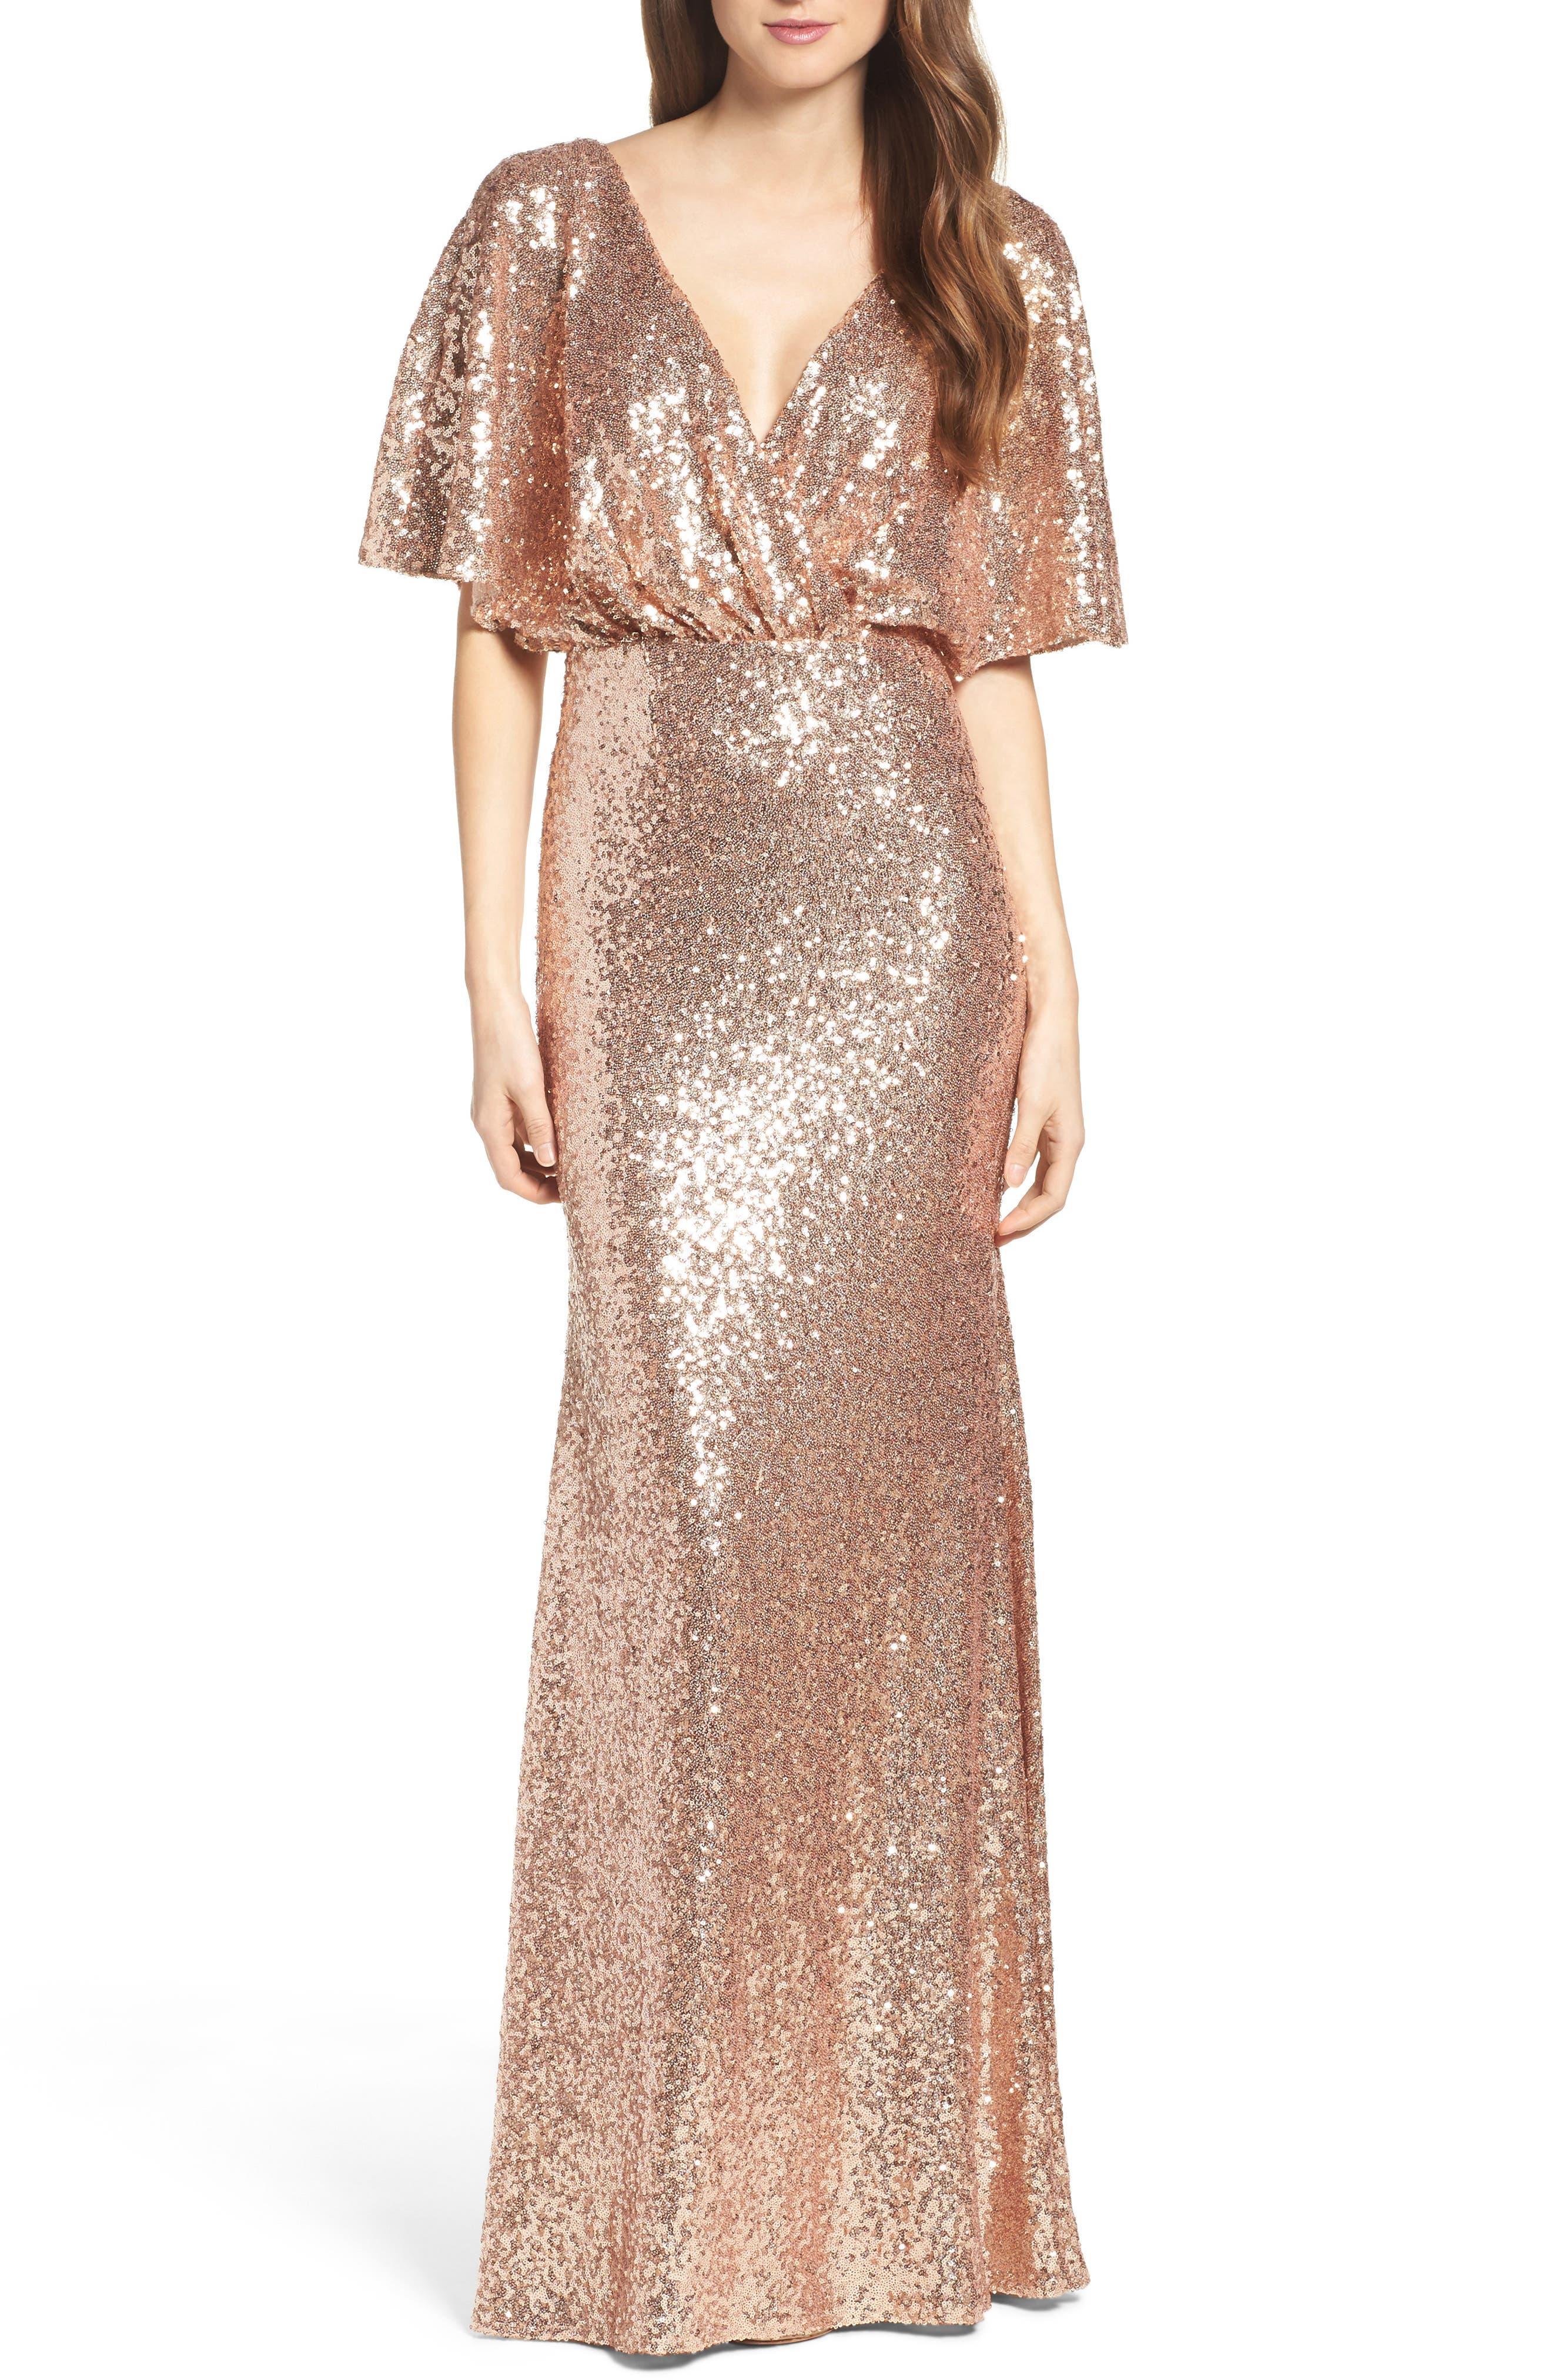 Elson Sequin Blouson Gown,                             Main thumbnail 1, color,                             650